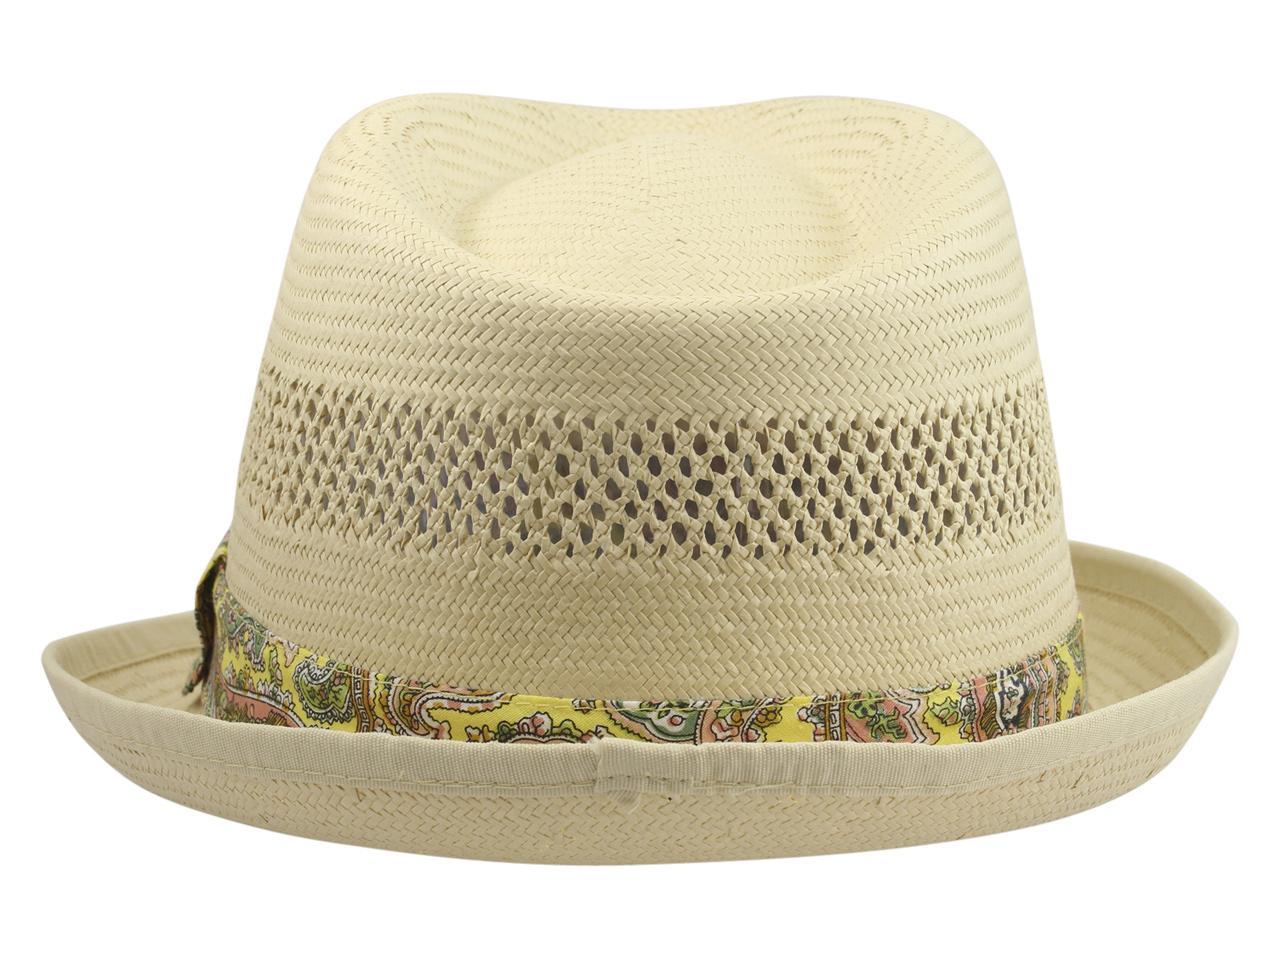 cc42762efbb63 Henschel Men s Paisley Trim Vented Toyo Straw Fedora Hat by Henschel. 1234